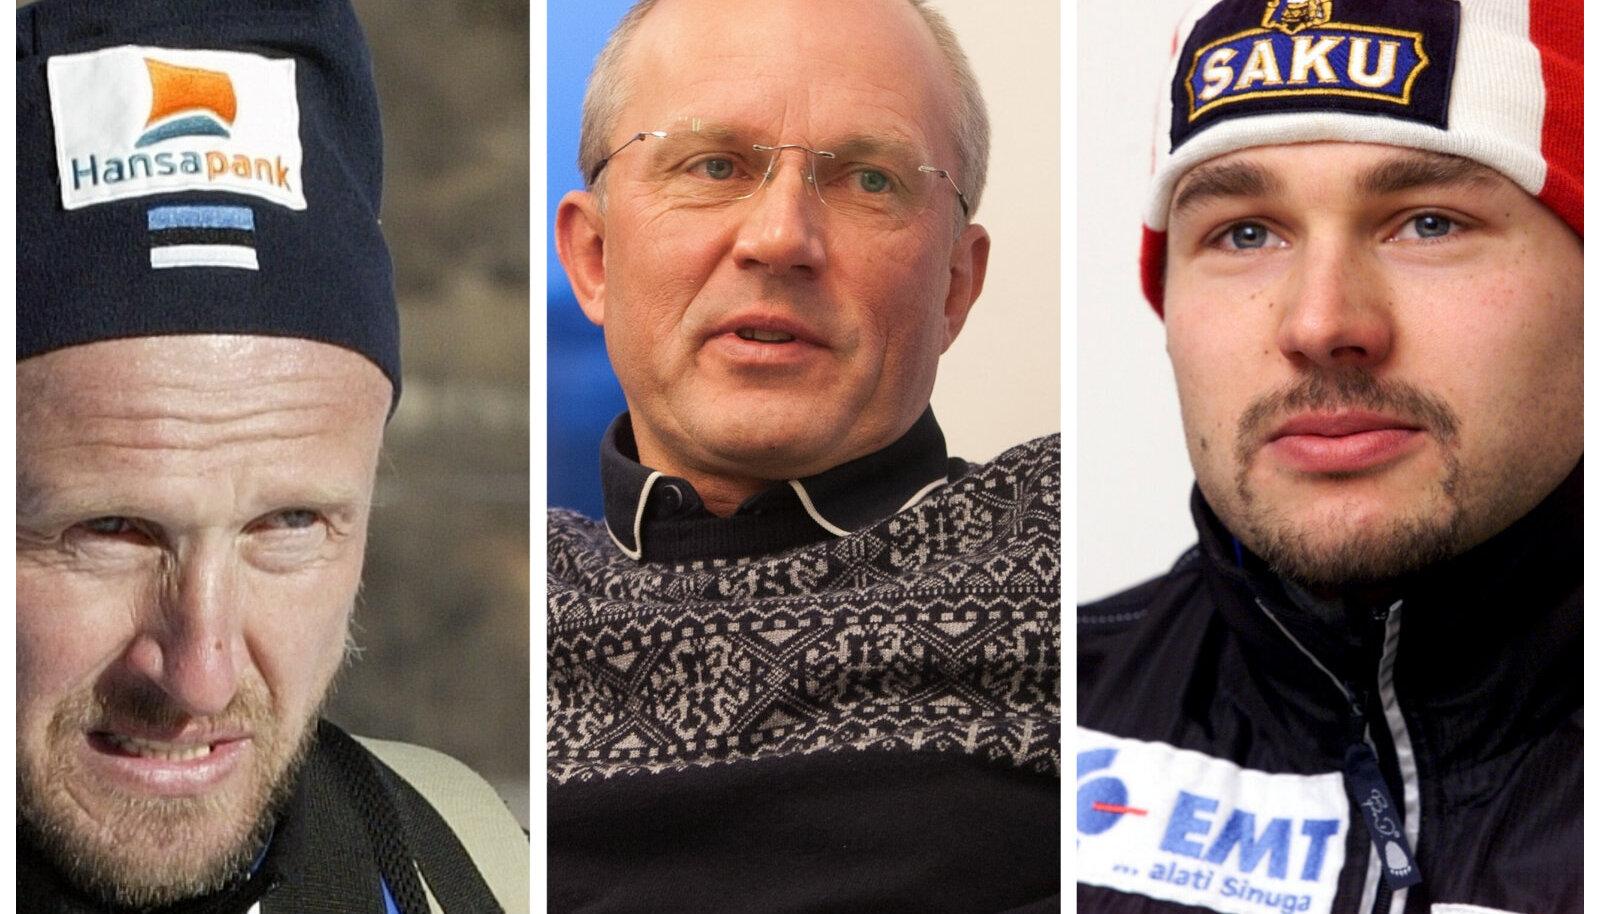 Kus on Eesti turul sadu miljoneid teenivate rahvusvaheliste suurfirmade, pankade ja telekomide panus Eesti spordi arengusse?